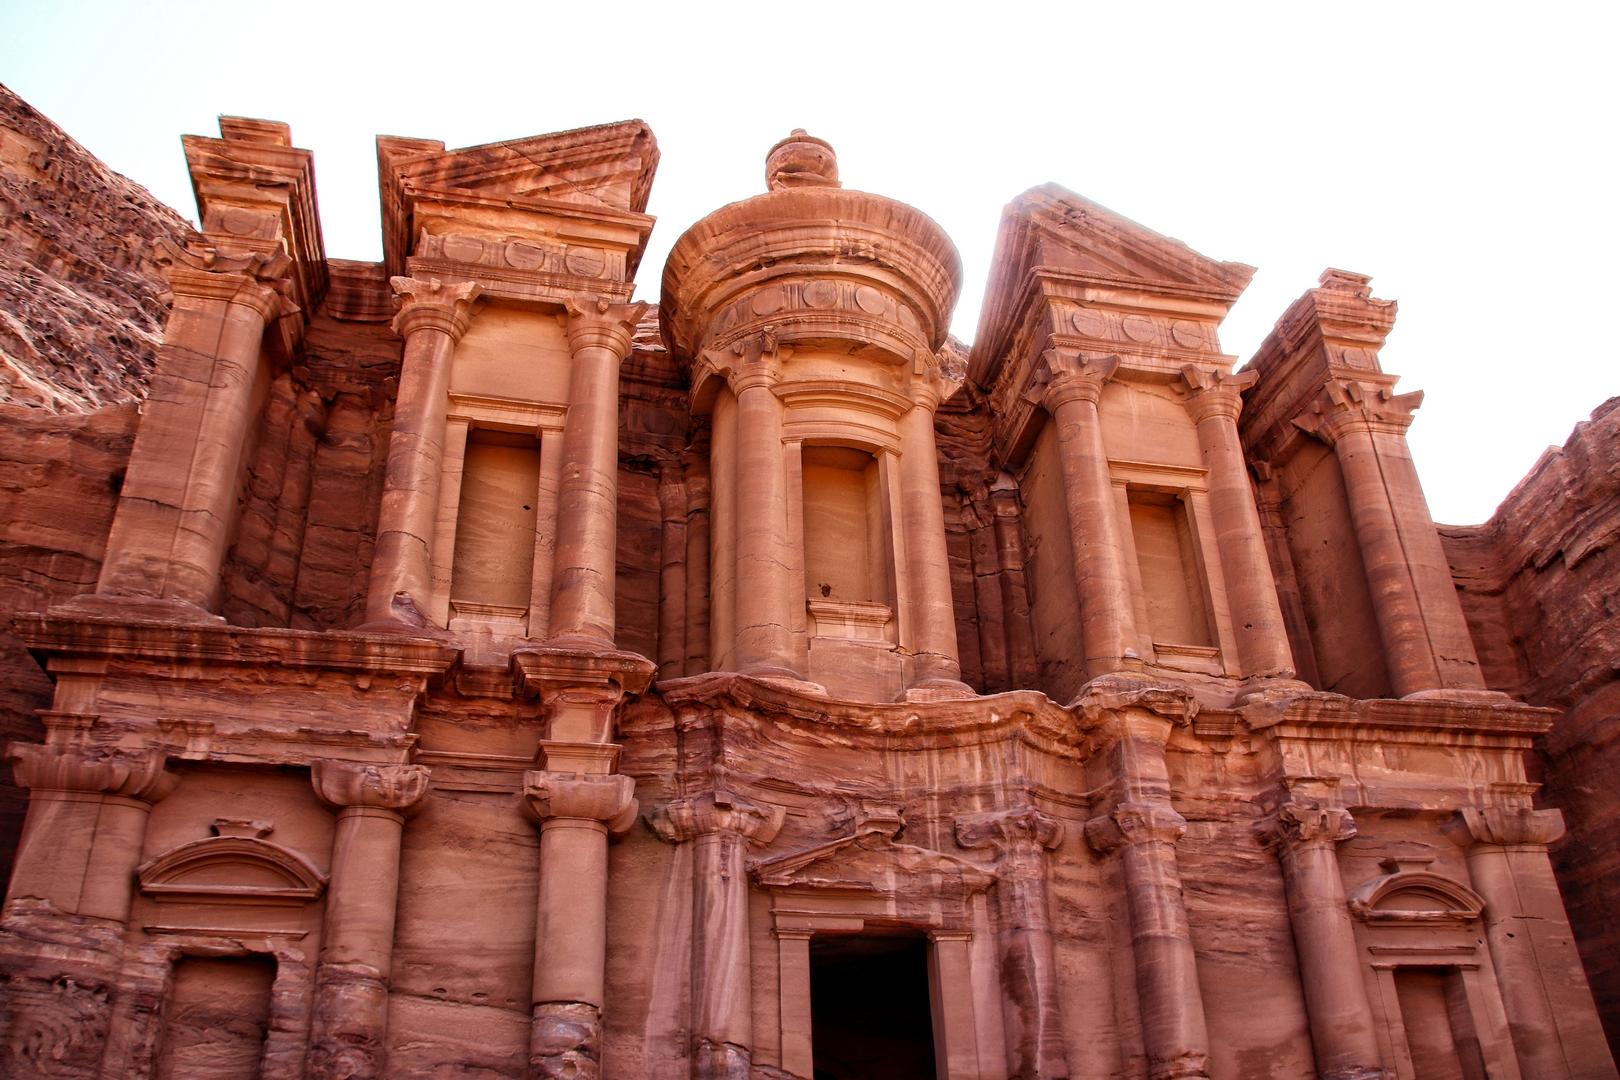 Jordanie - Découverte du Monastère El Deir sur le site de Petra